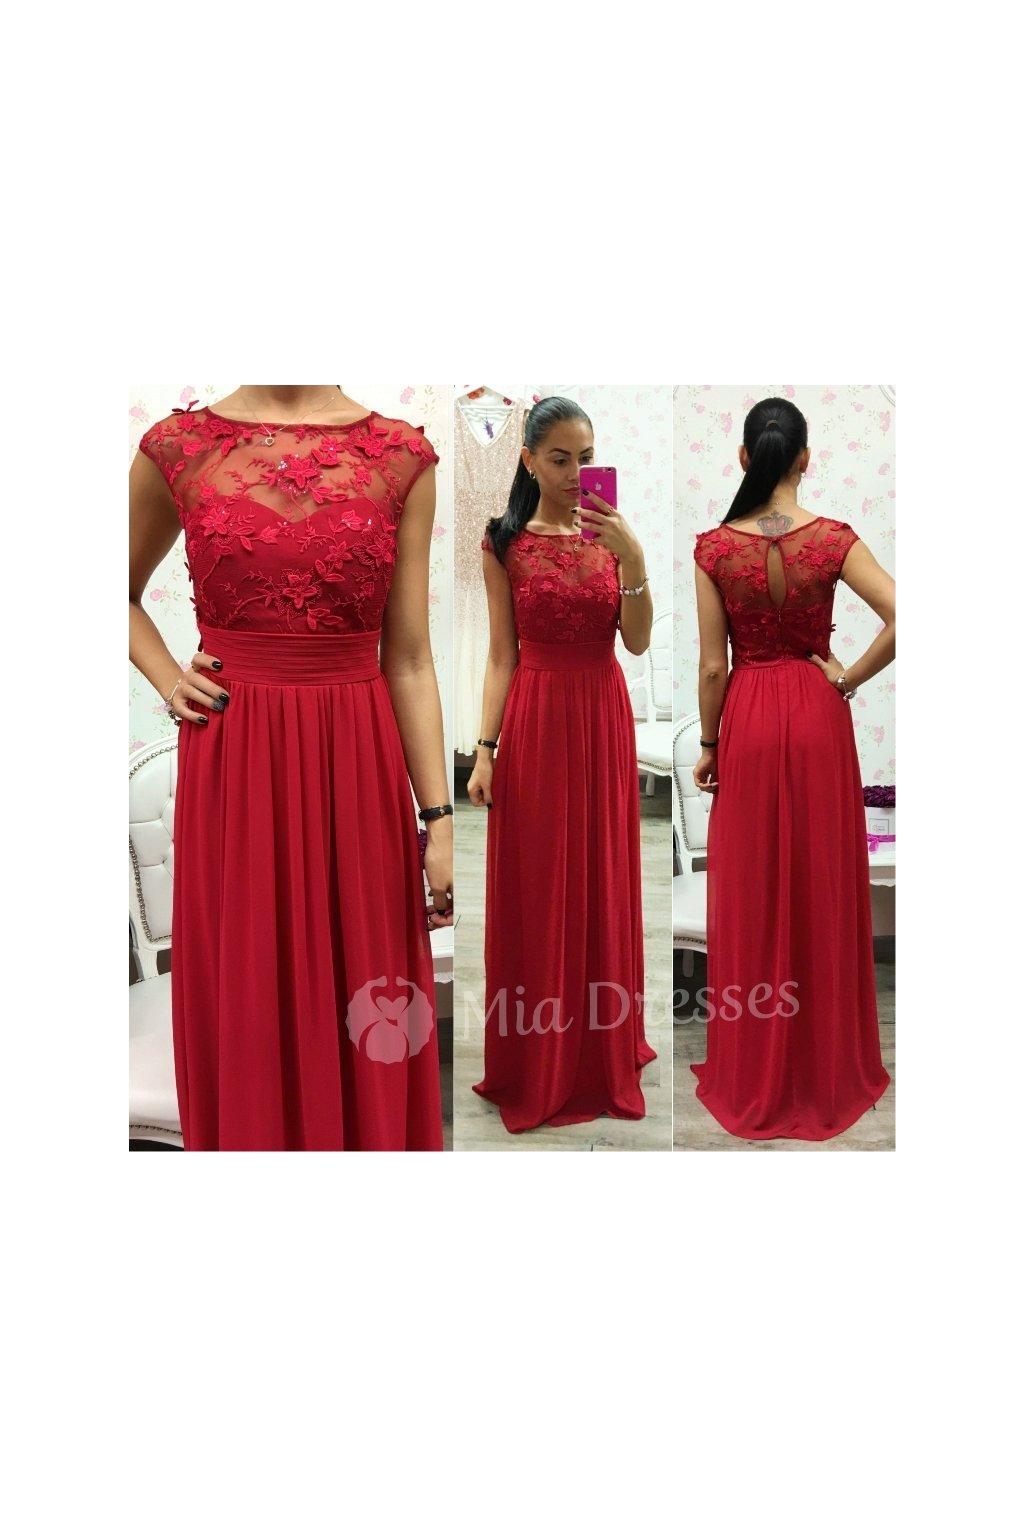 de77aac2874b Heureka.sk vám poradí ako vyberať Dámske sukne. Vyberajte si Dámske sukne  podľa parametrov a porovnávajte ceny z internetových obchodov na Heuréke.